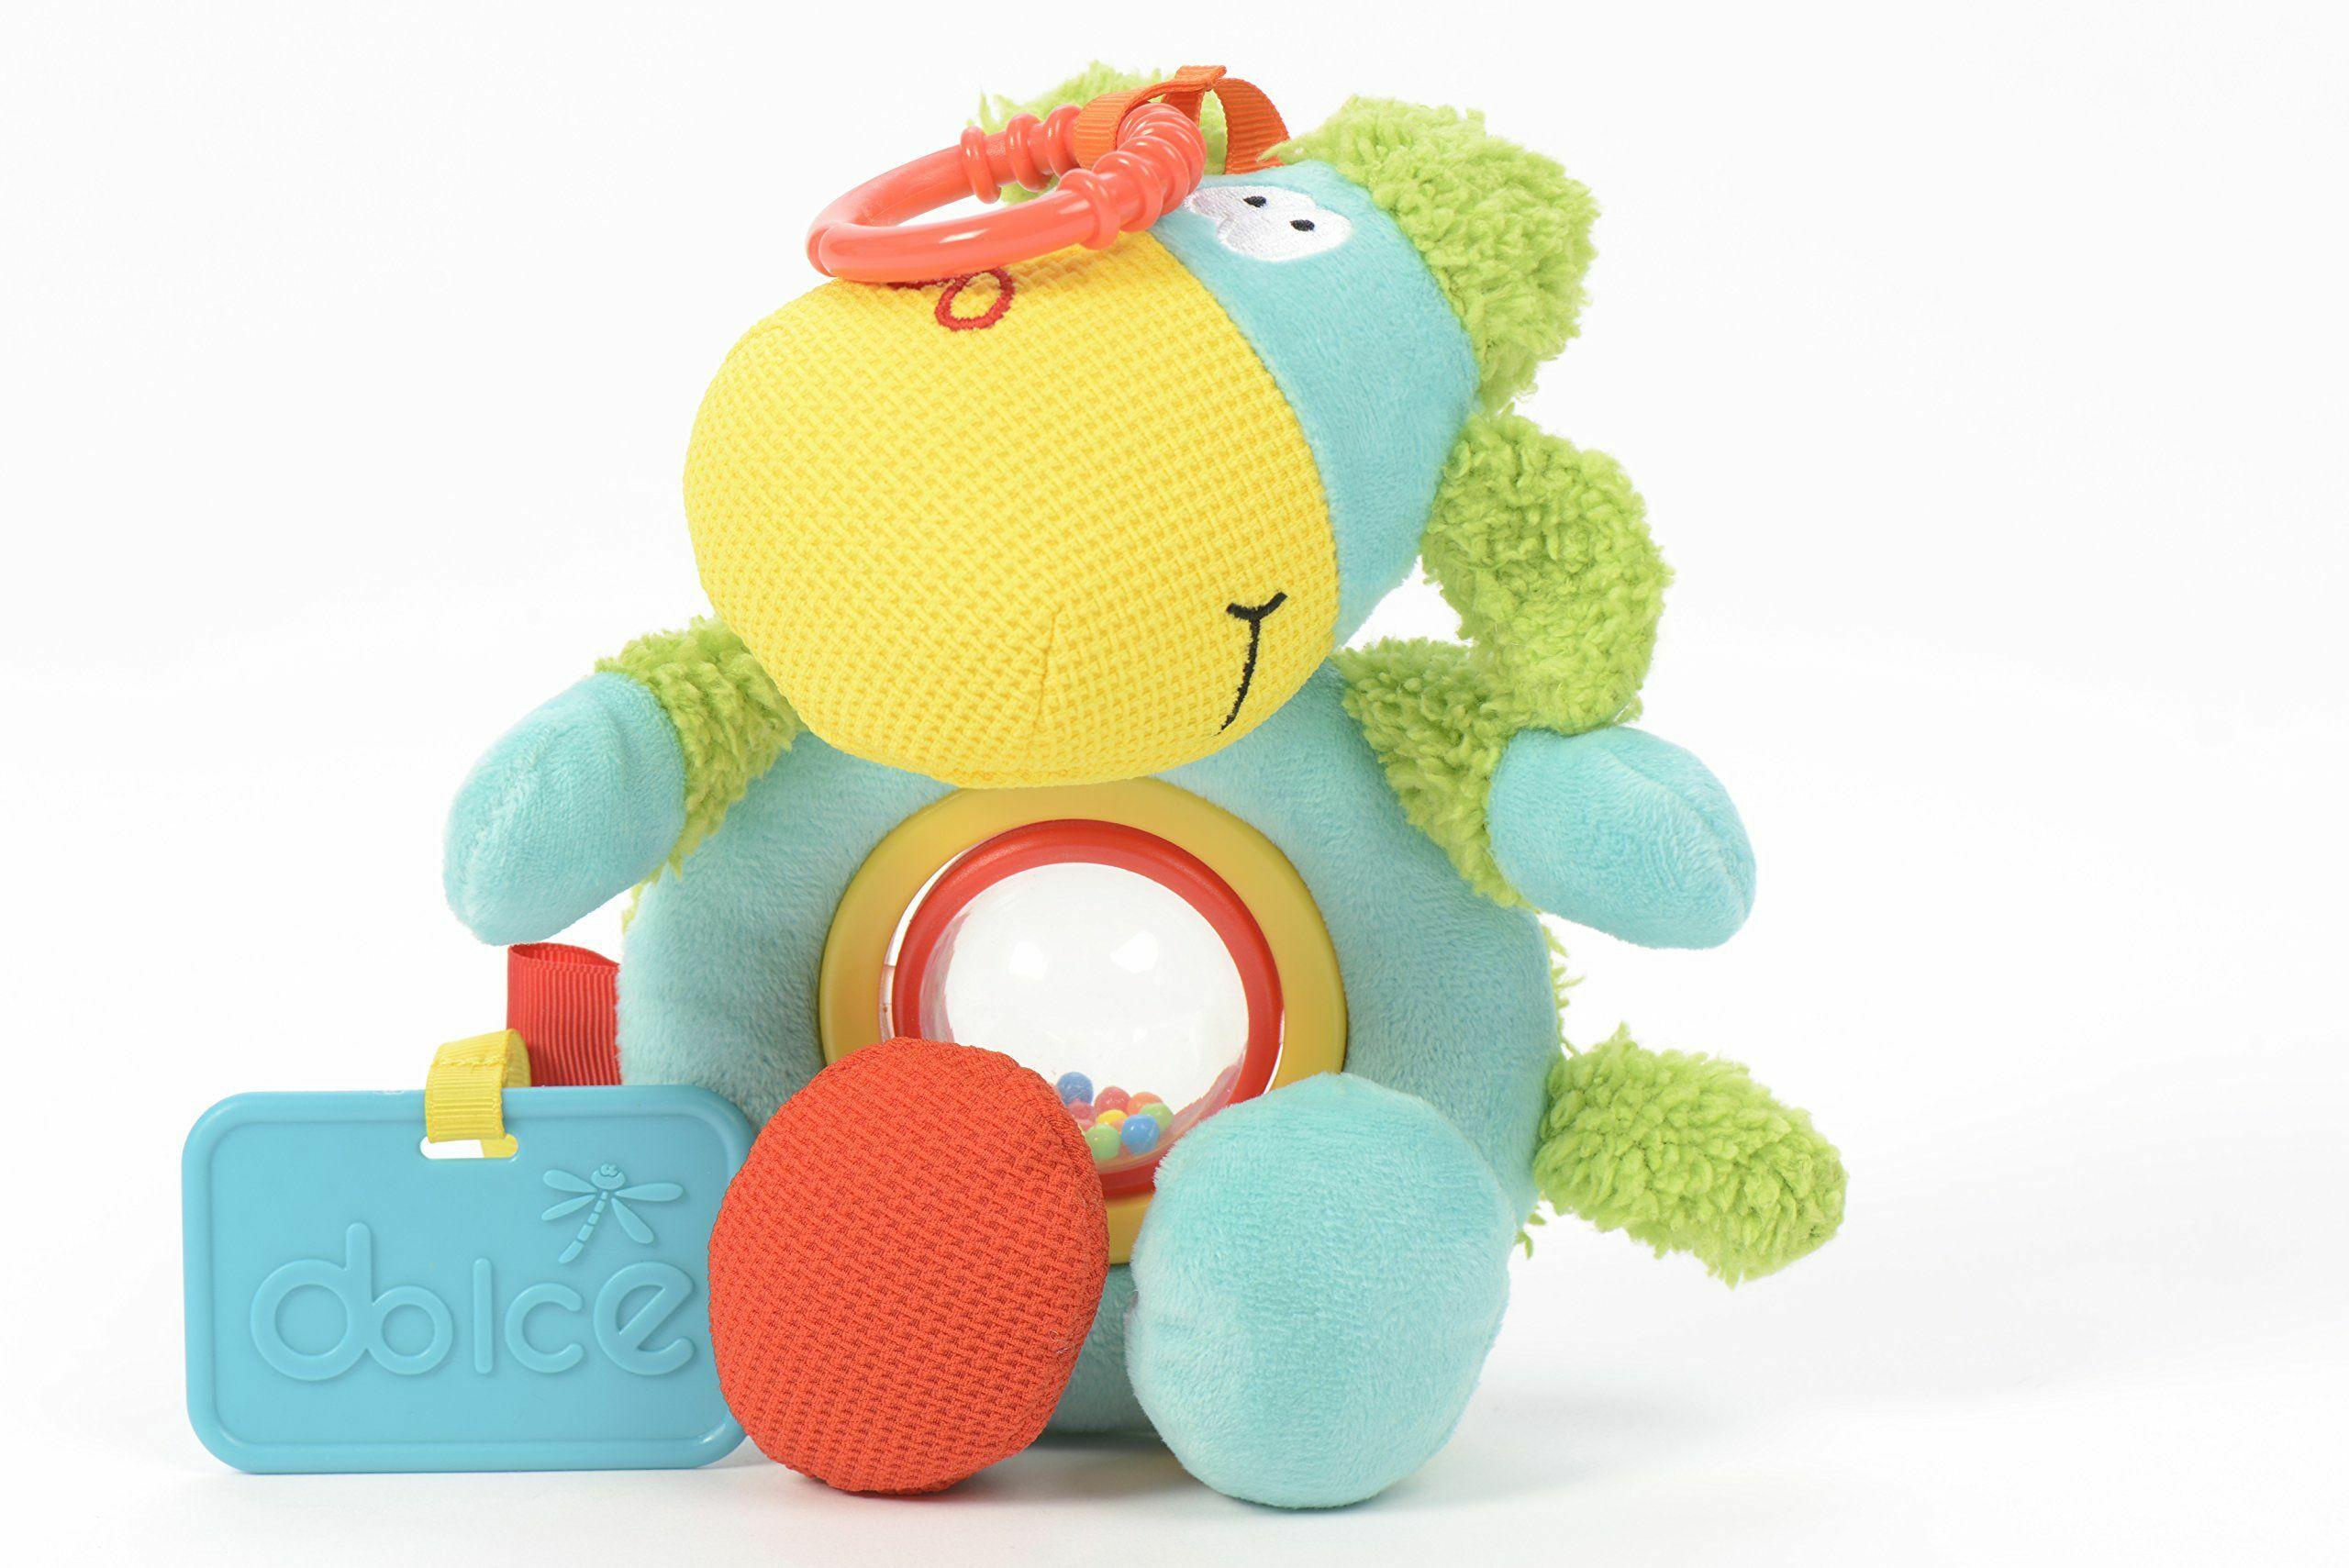 Dolce zabawki